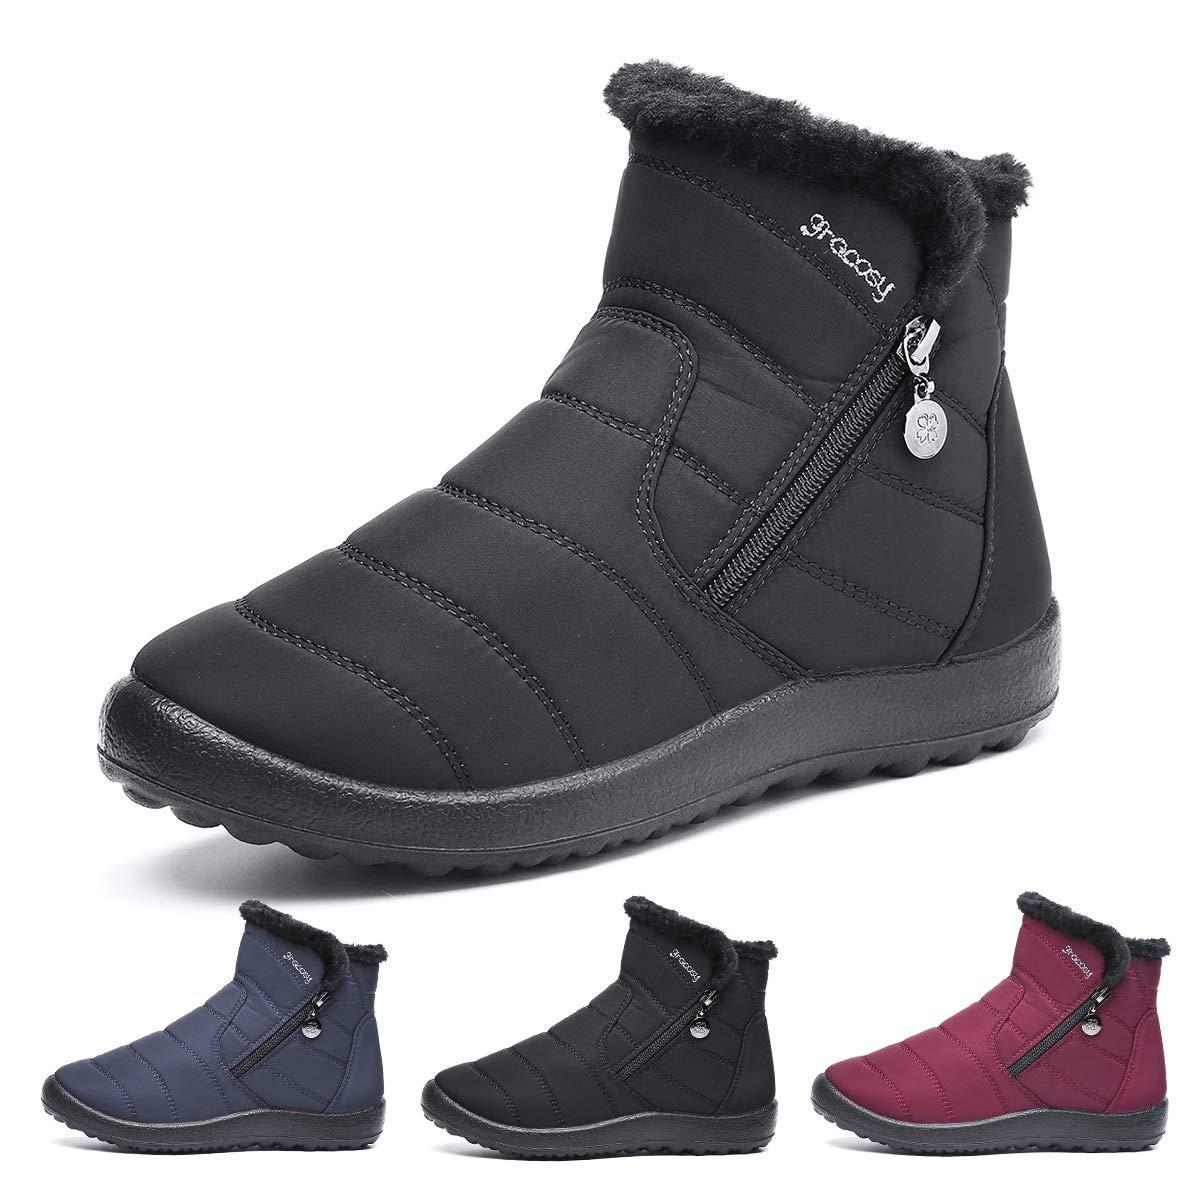 Gracosy Bottes de Neige Femmes Filles, Chaussures Ville Hiver Bottines de  Pluie Imperméable avec Fourrure c5ff6a6ec295